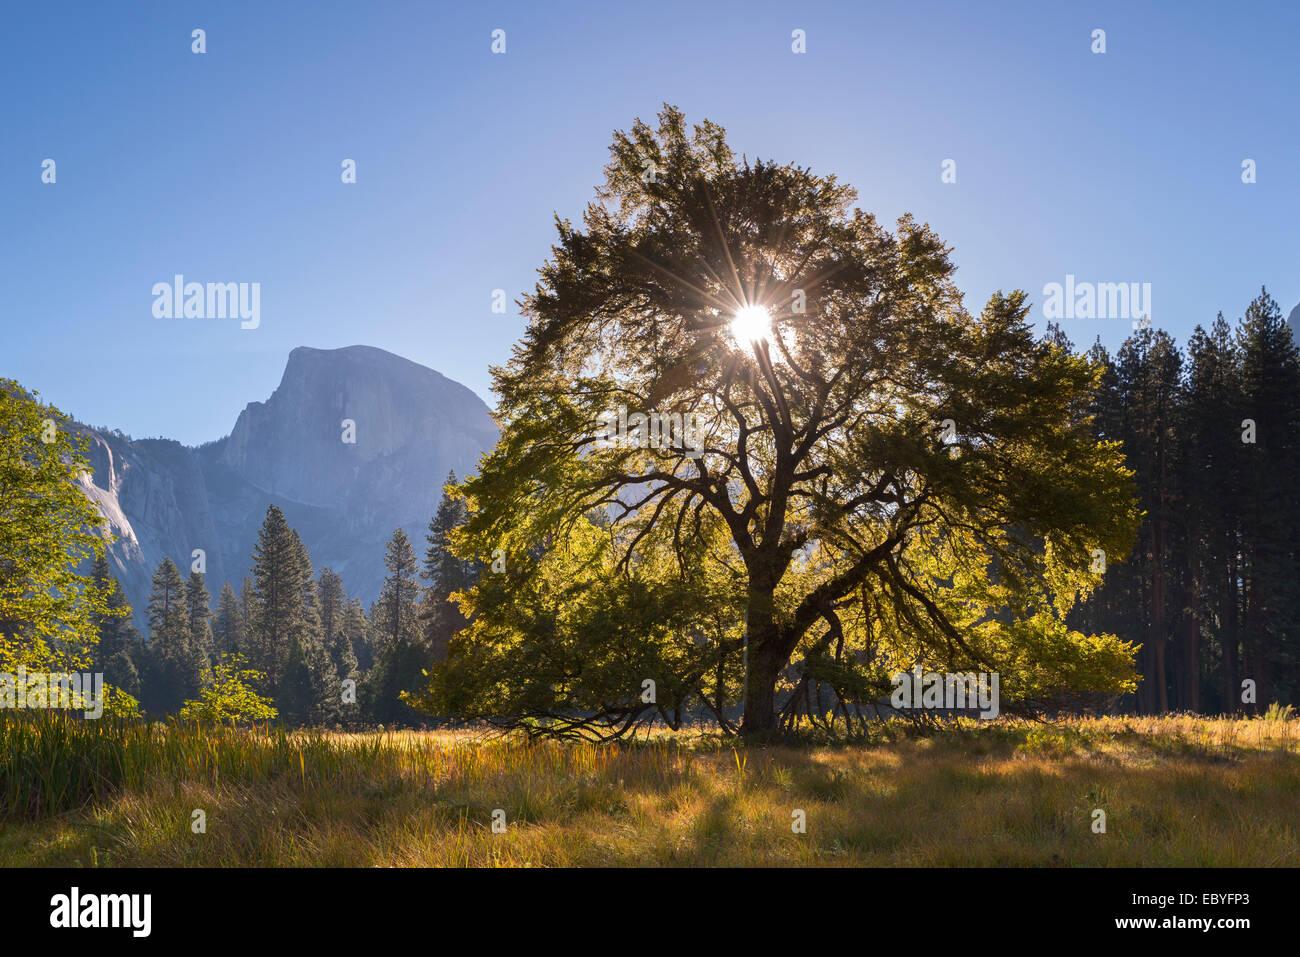 Halbe Kuppel und Ulme Baum kocht Wiese, Yosemite Valley, Kalifornien, USA. Herbst (Oktober) 2014. Stockbild